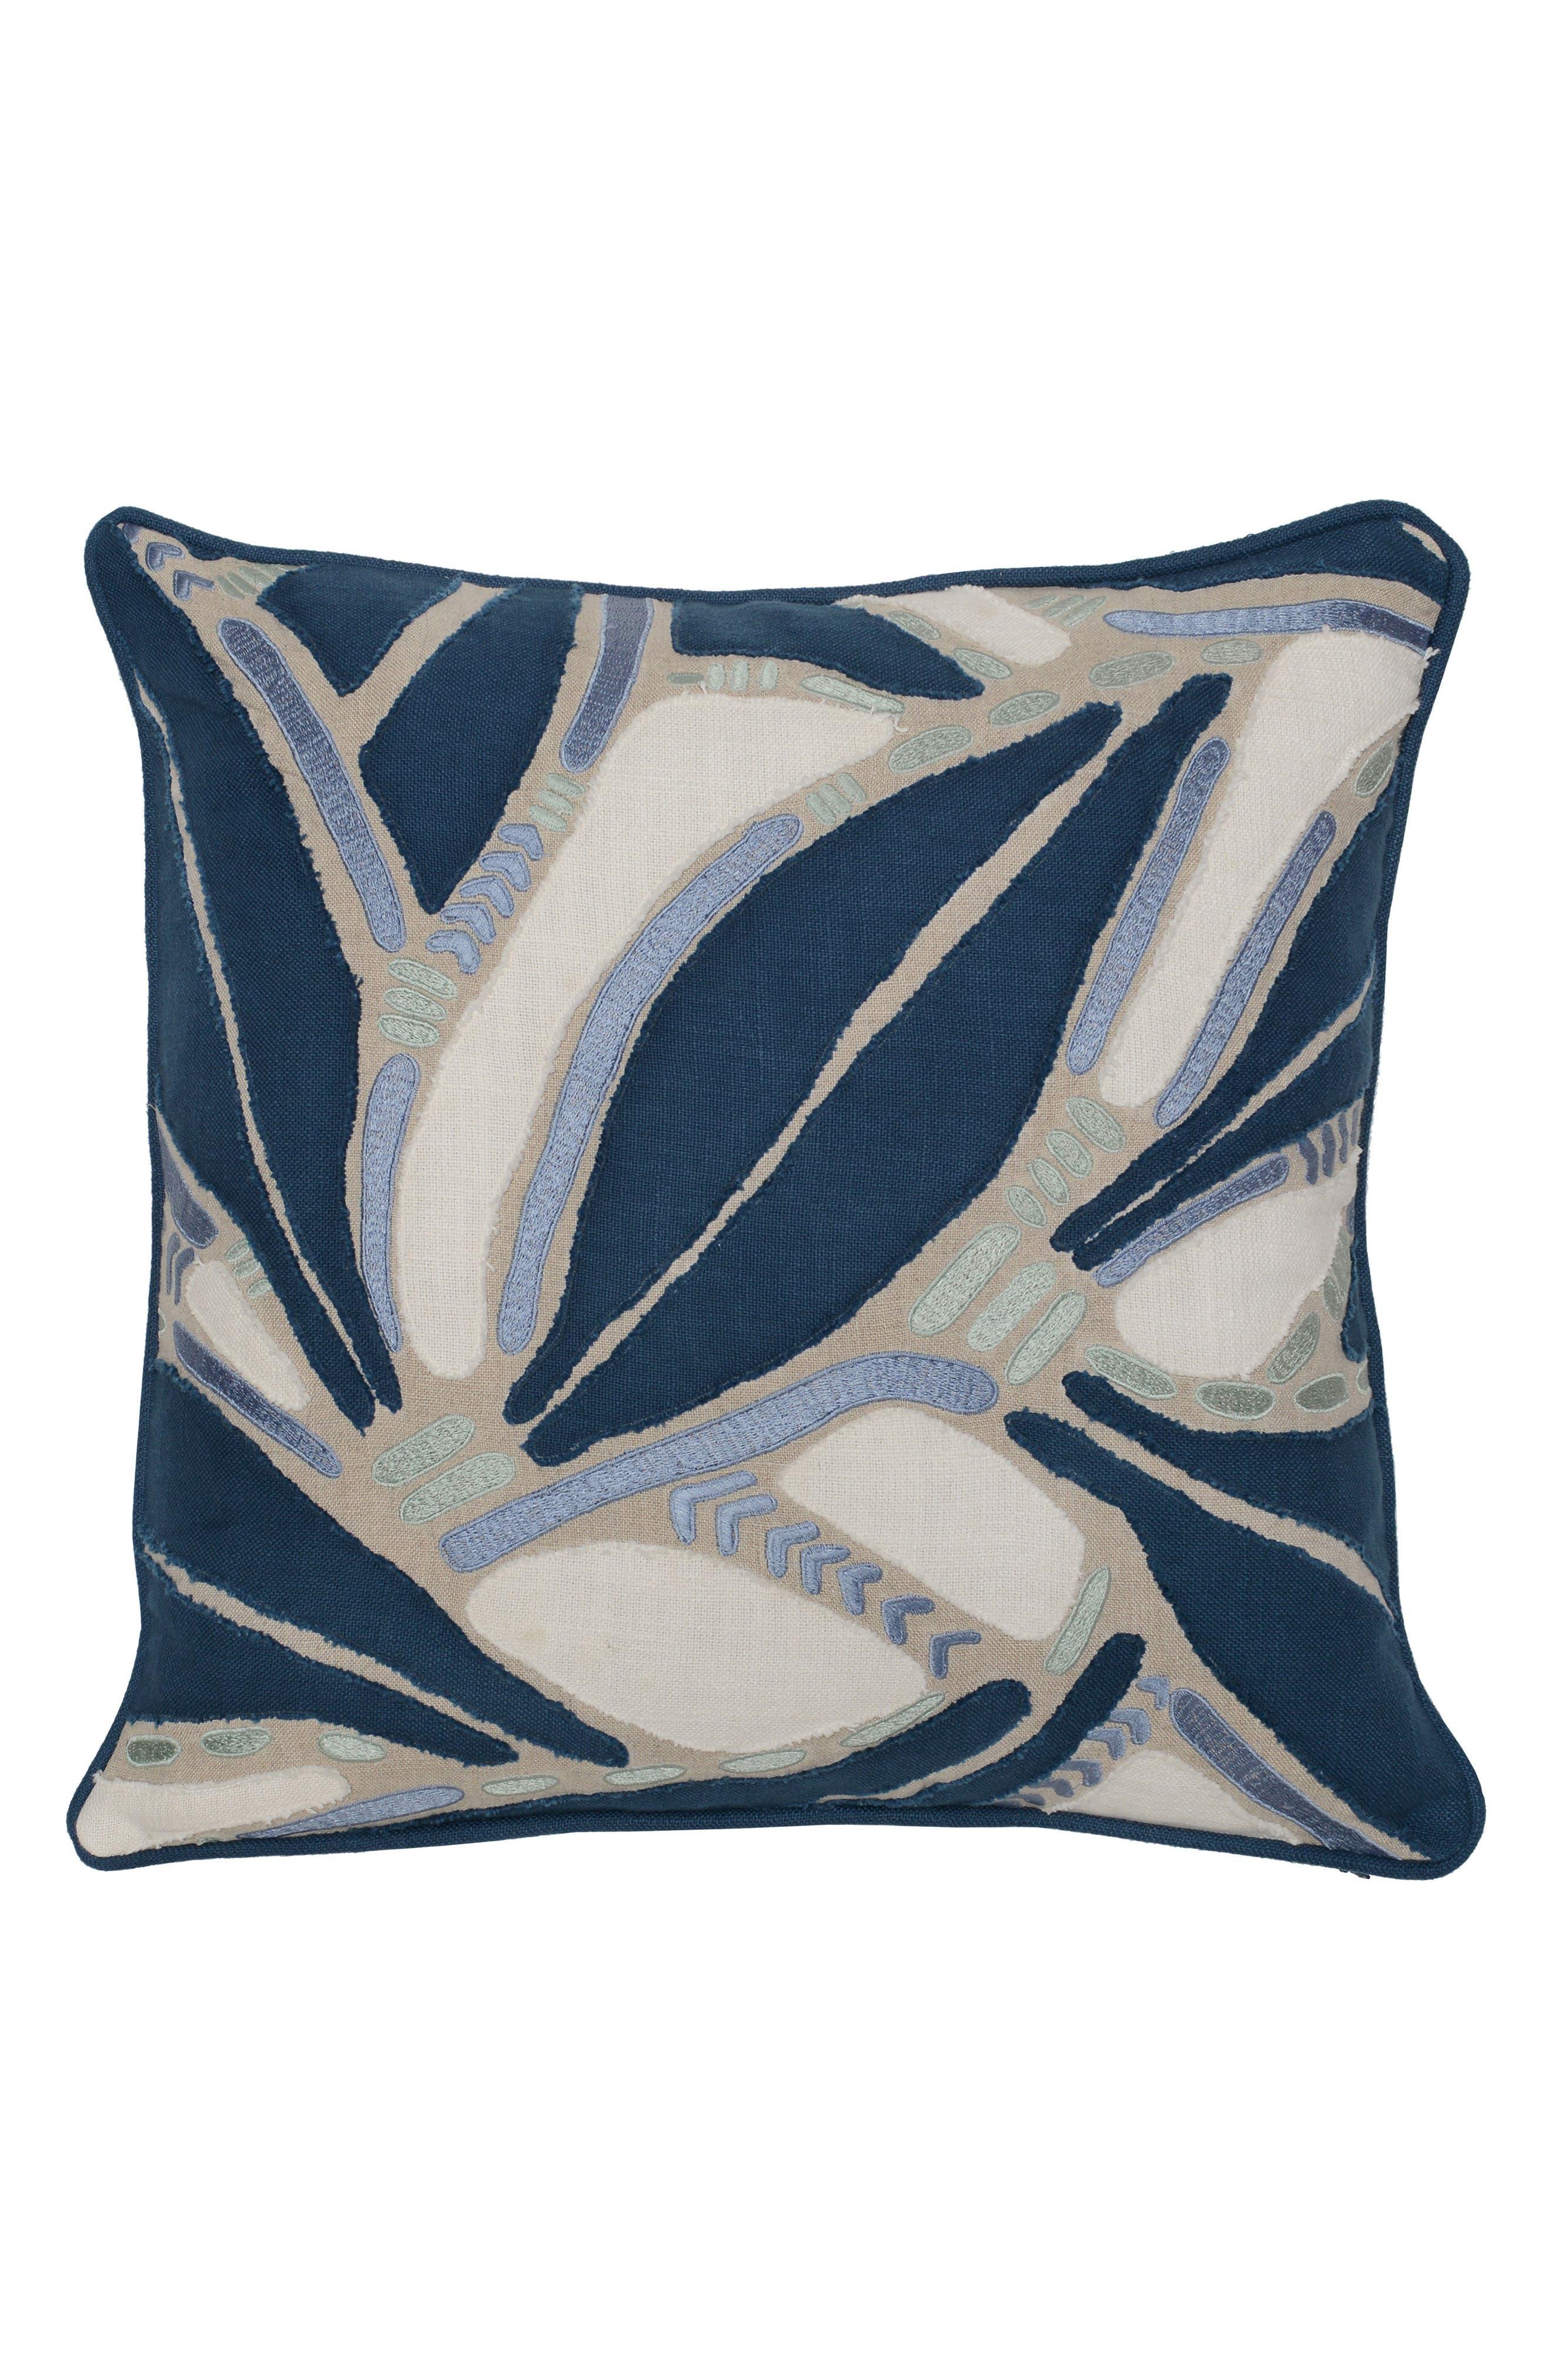 Lilo Accent Pillow,                             Main thumbnail 1, color,                             NAVY/ BLUE